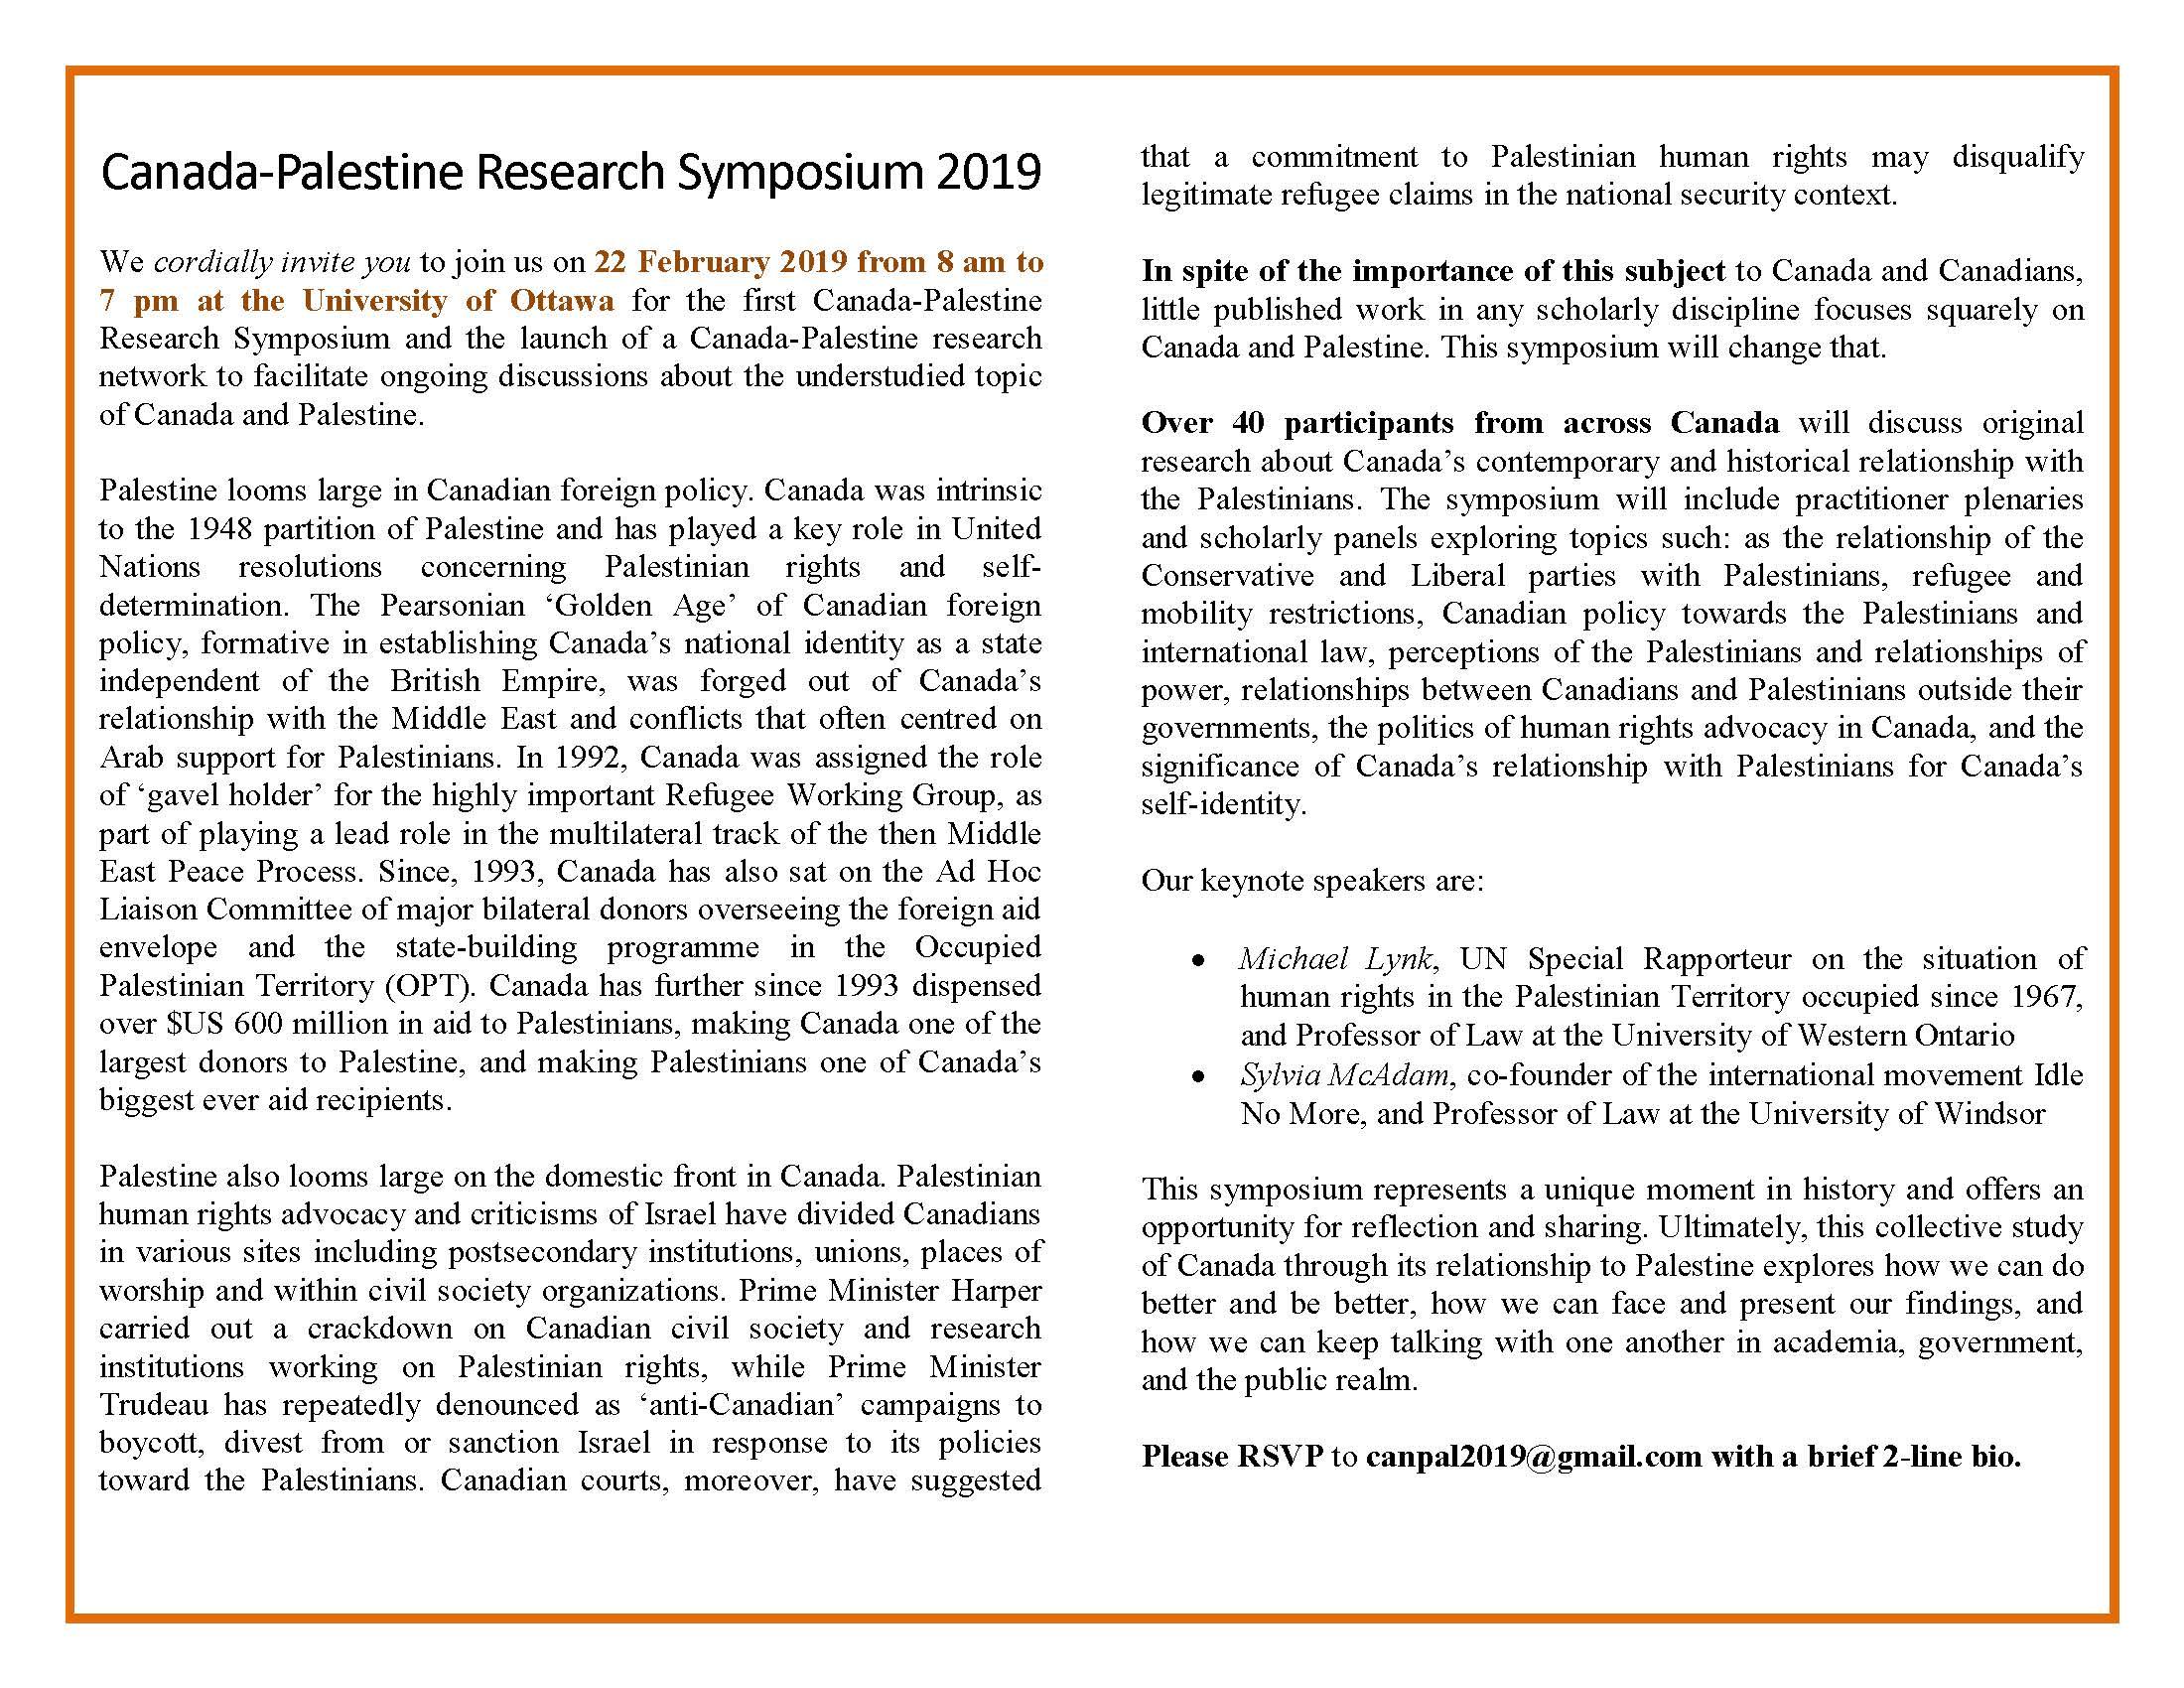 Canada & Palestine 2019 - Symposium